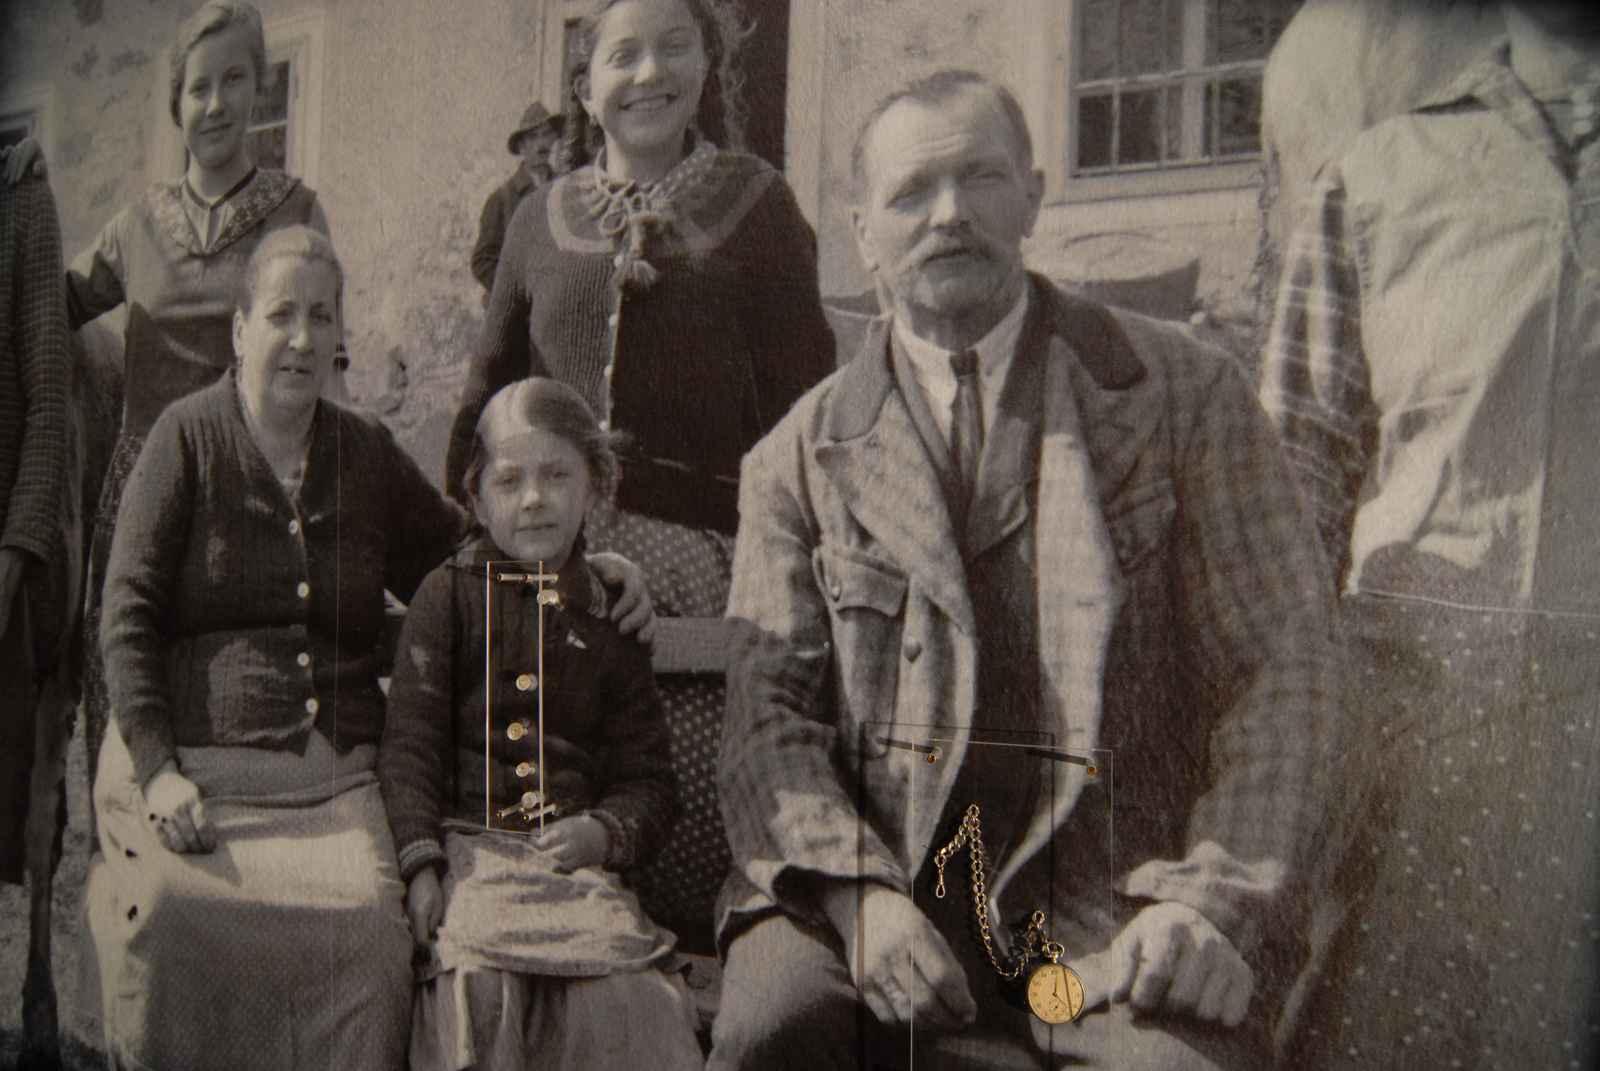 Bauernfamilie historisches Foto mit Originalobjekten Knöpfen und Taschenuhr